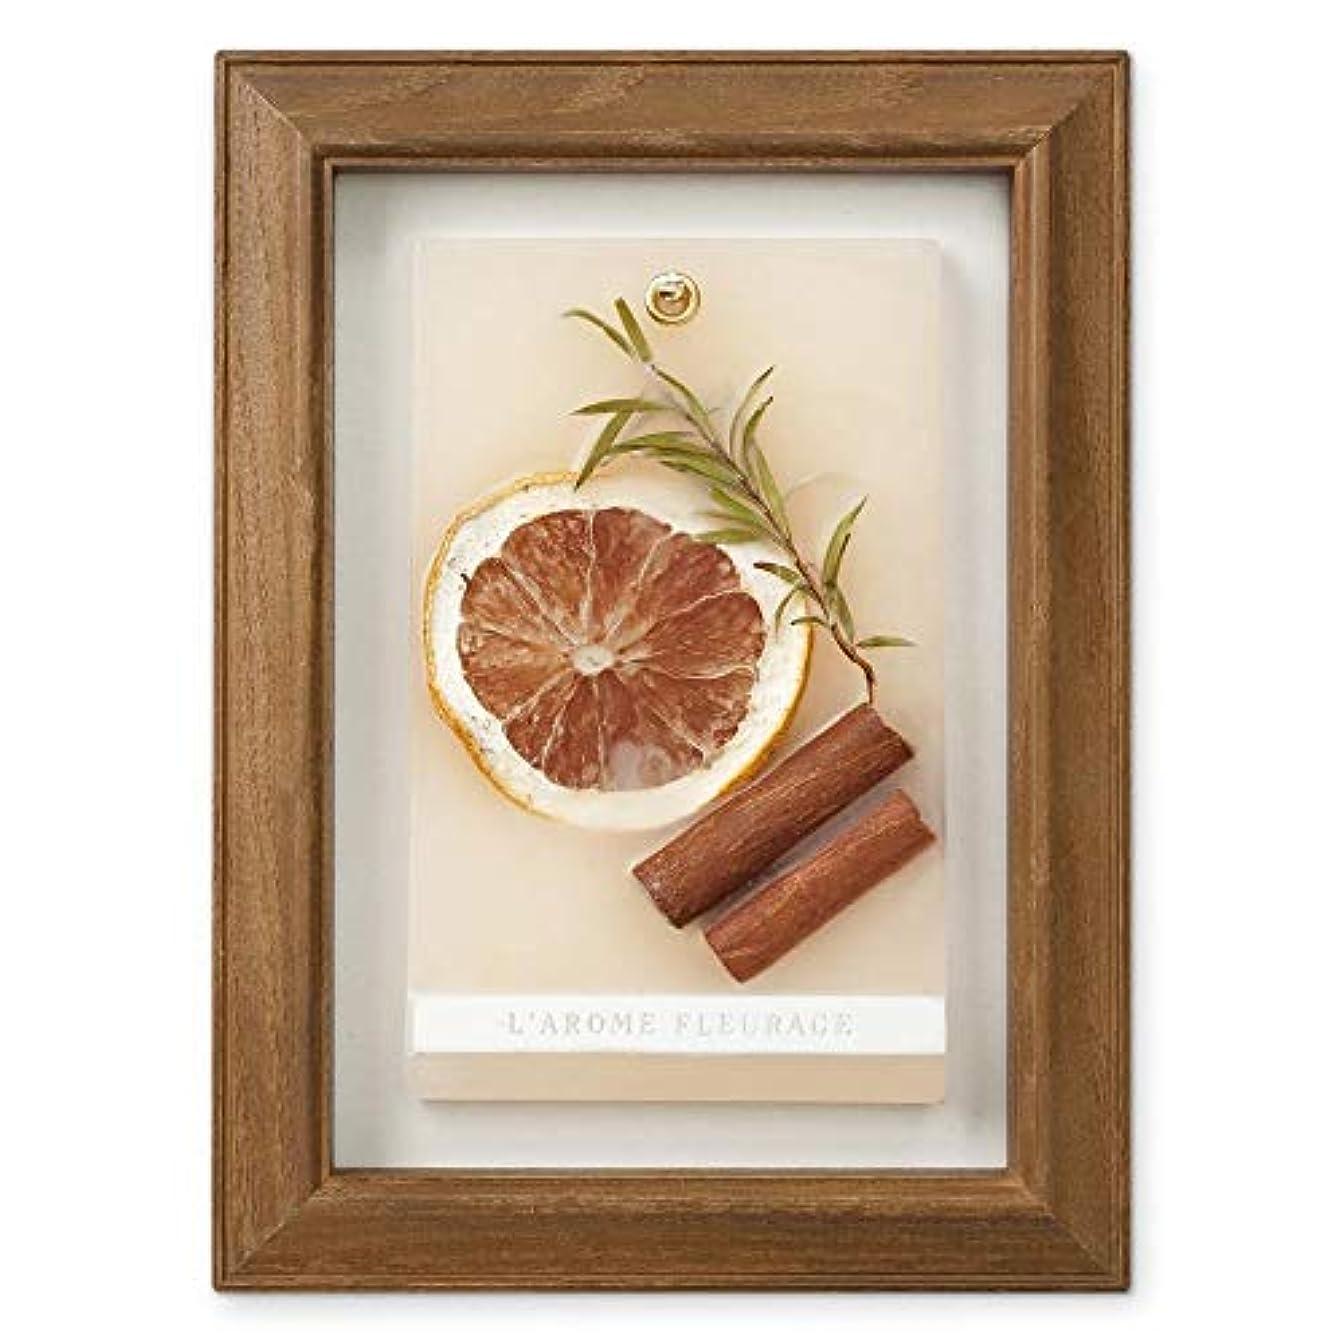 製作あなたが良くなります長方形FLEURAGE(フルラージュ) アロマワックスサシェ スイートオレンジの香り Orange×AntiqueBrown KH-61121